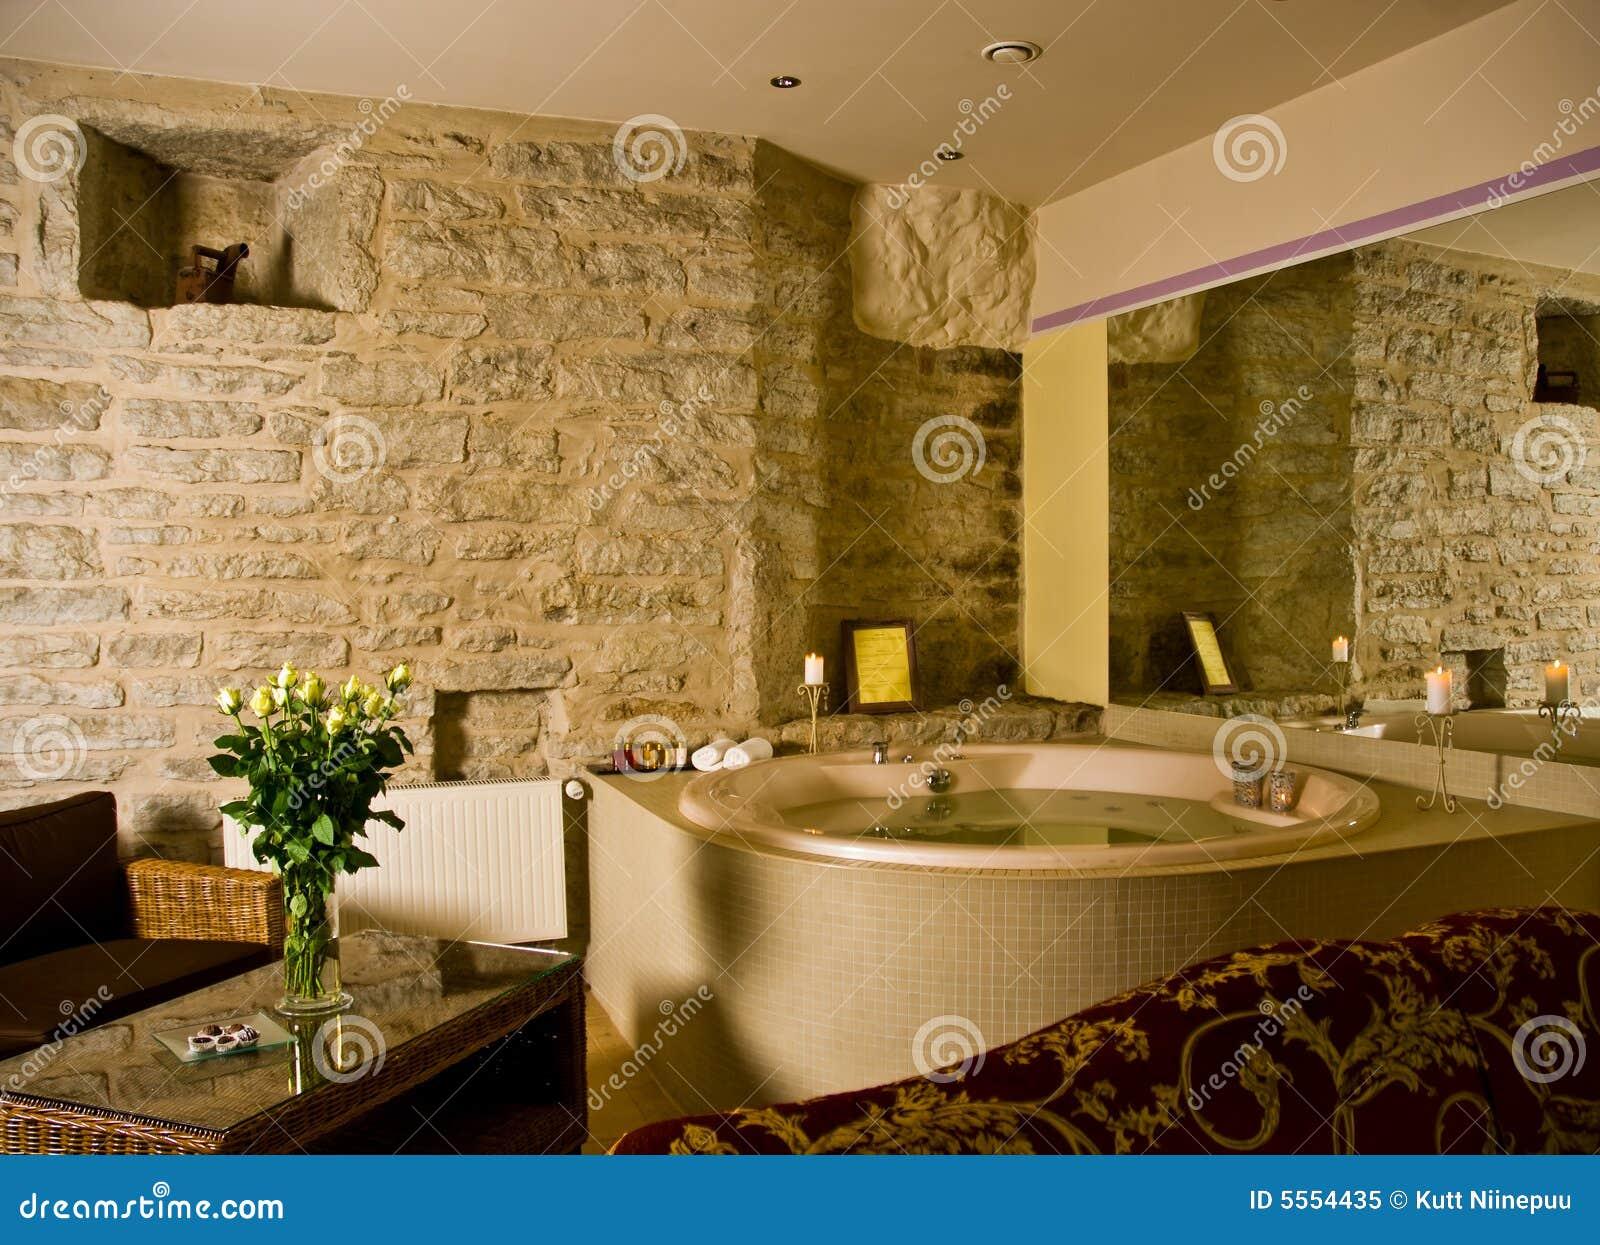 jacuzzi l 39 int rieur d 39 une chambre d 39 h tel photo libre de droits image 5554435. Black Bedroom Furniture Sets. Home Design Ideas